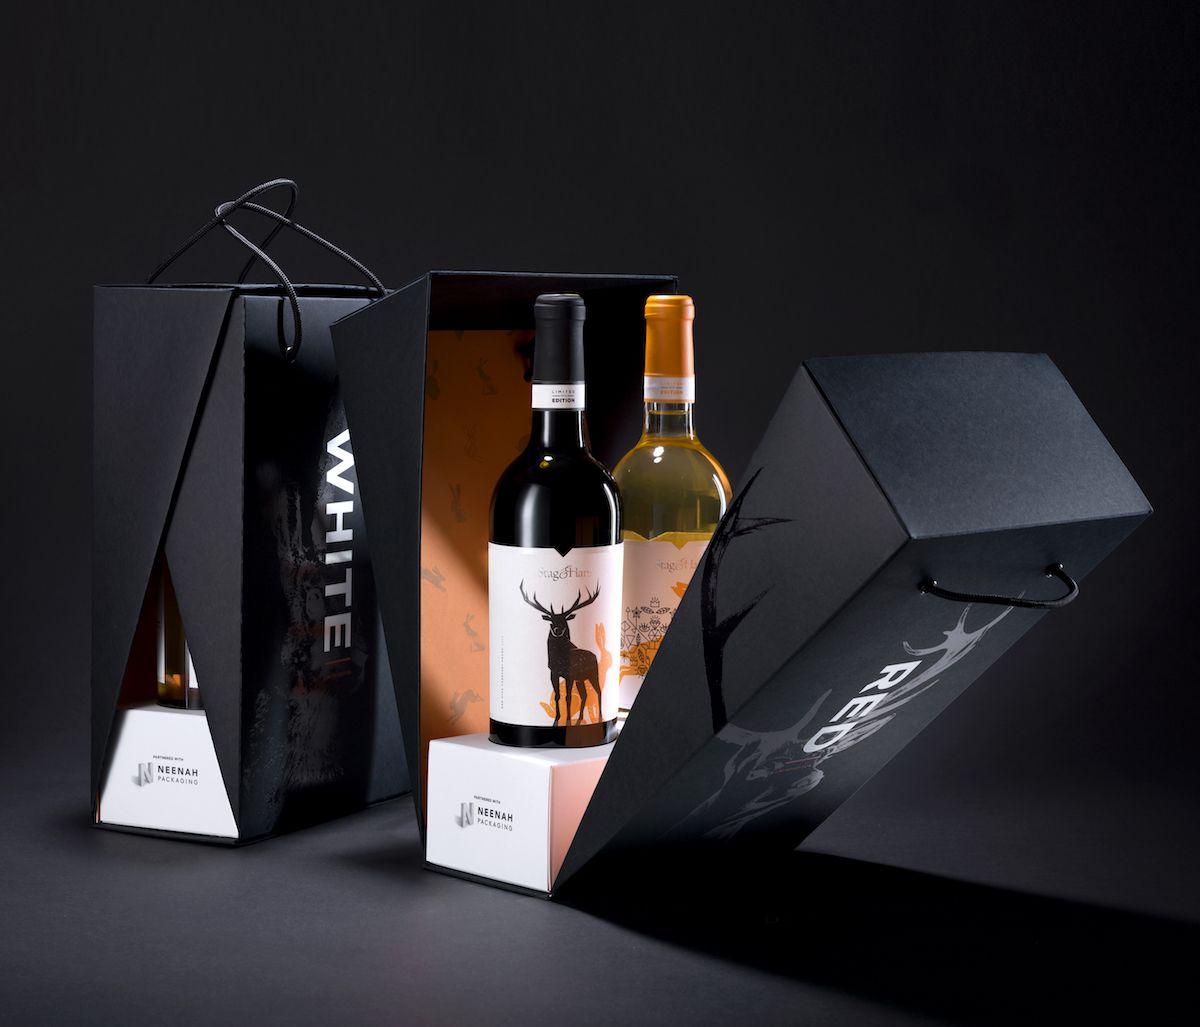 Stag Hare Wine Luxury Packaging Design Wine Packaging Custom Wine Box